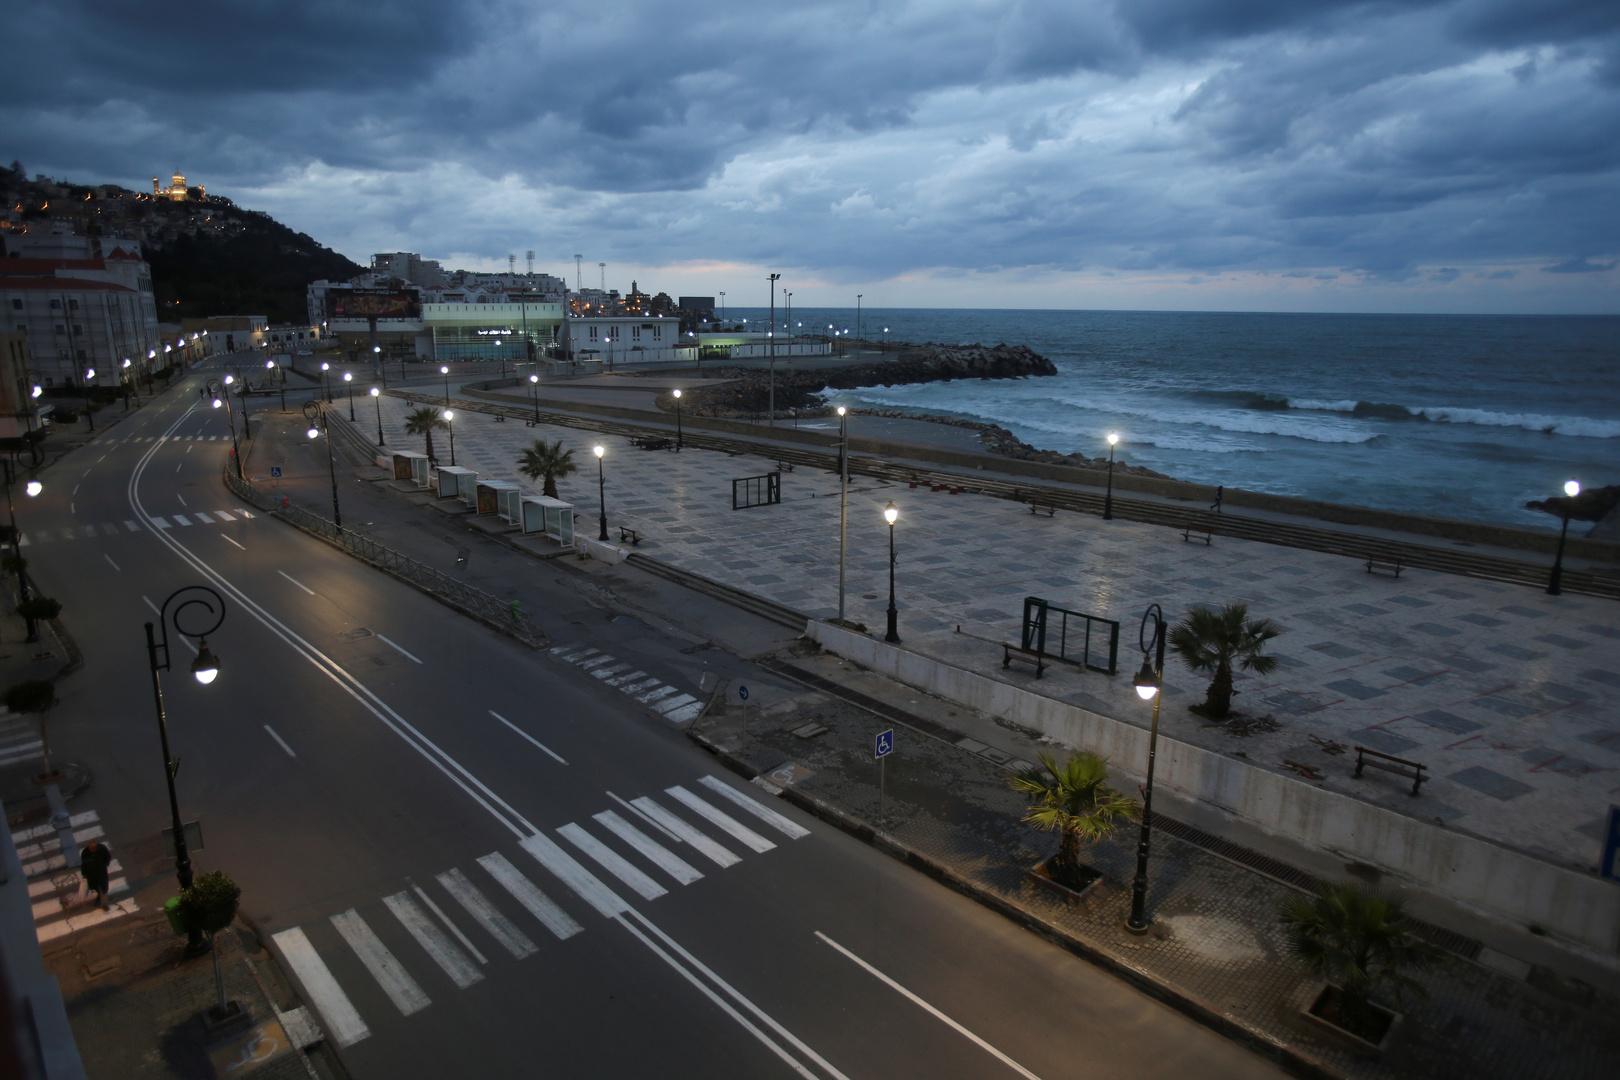 تسجيل 25 وفاة جديدة بفيروس كورونا في الجزائر